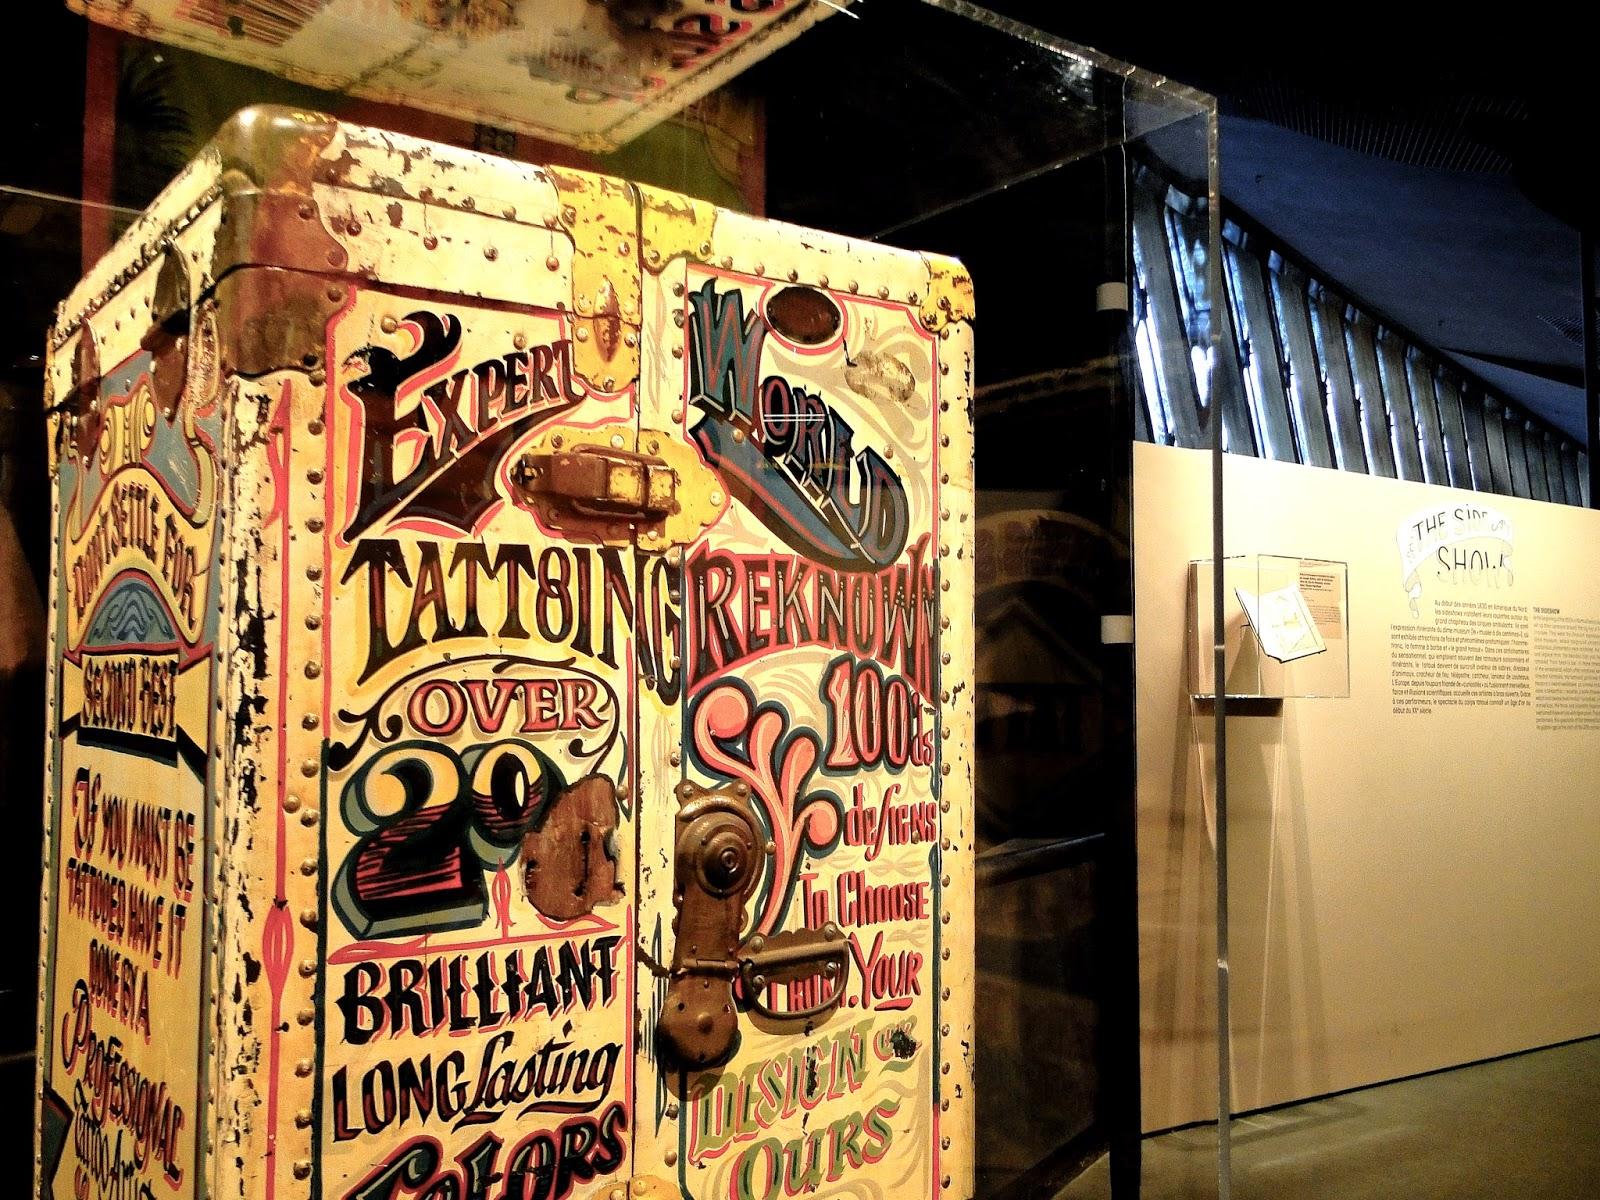 musée du quai Branly Visite de l'exposition Tatoueurs  - Musée Quai Branly Expo Tatouage